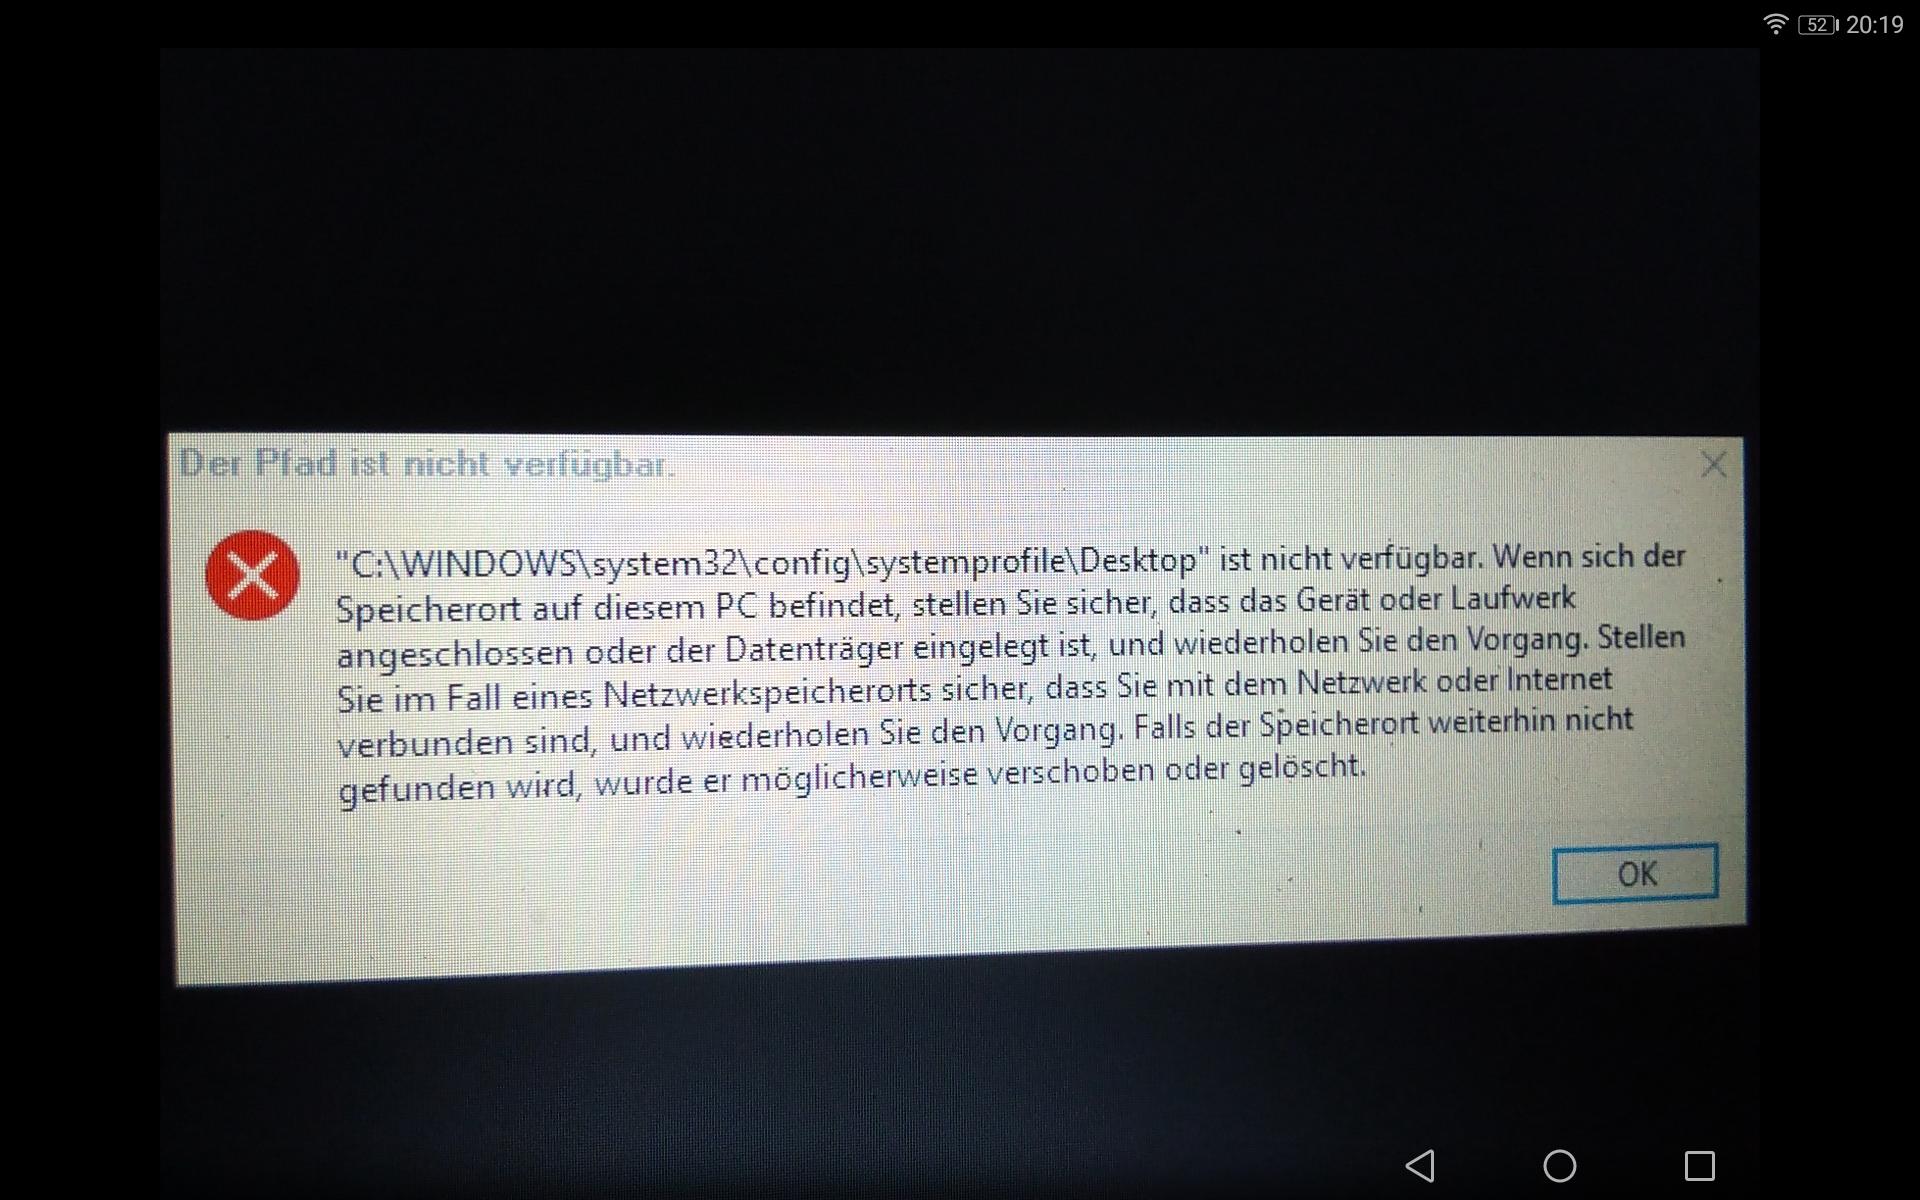 C.\Windows\system32\config\systemprofile\Desktop ist nicht verfügbar und sihost.exe - Systemwarnung: